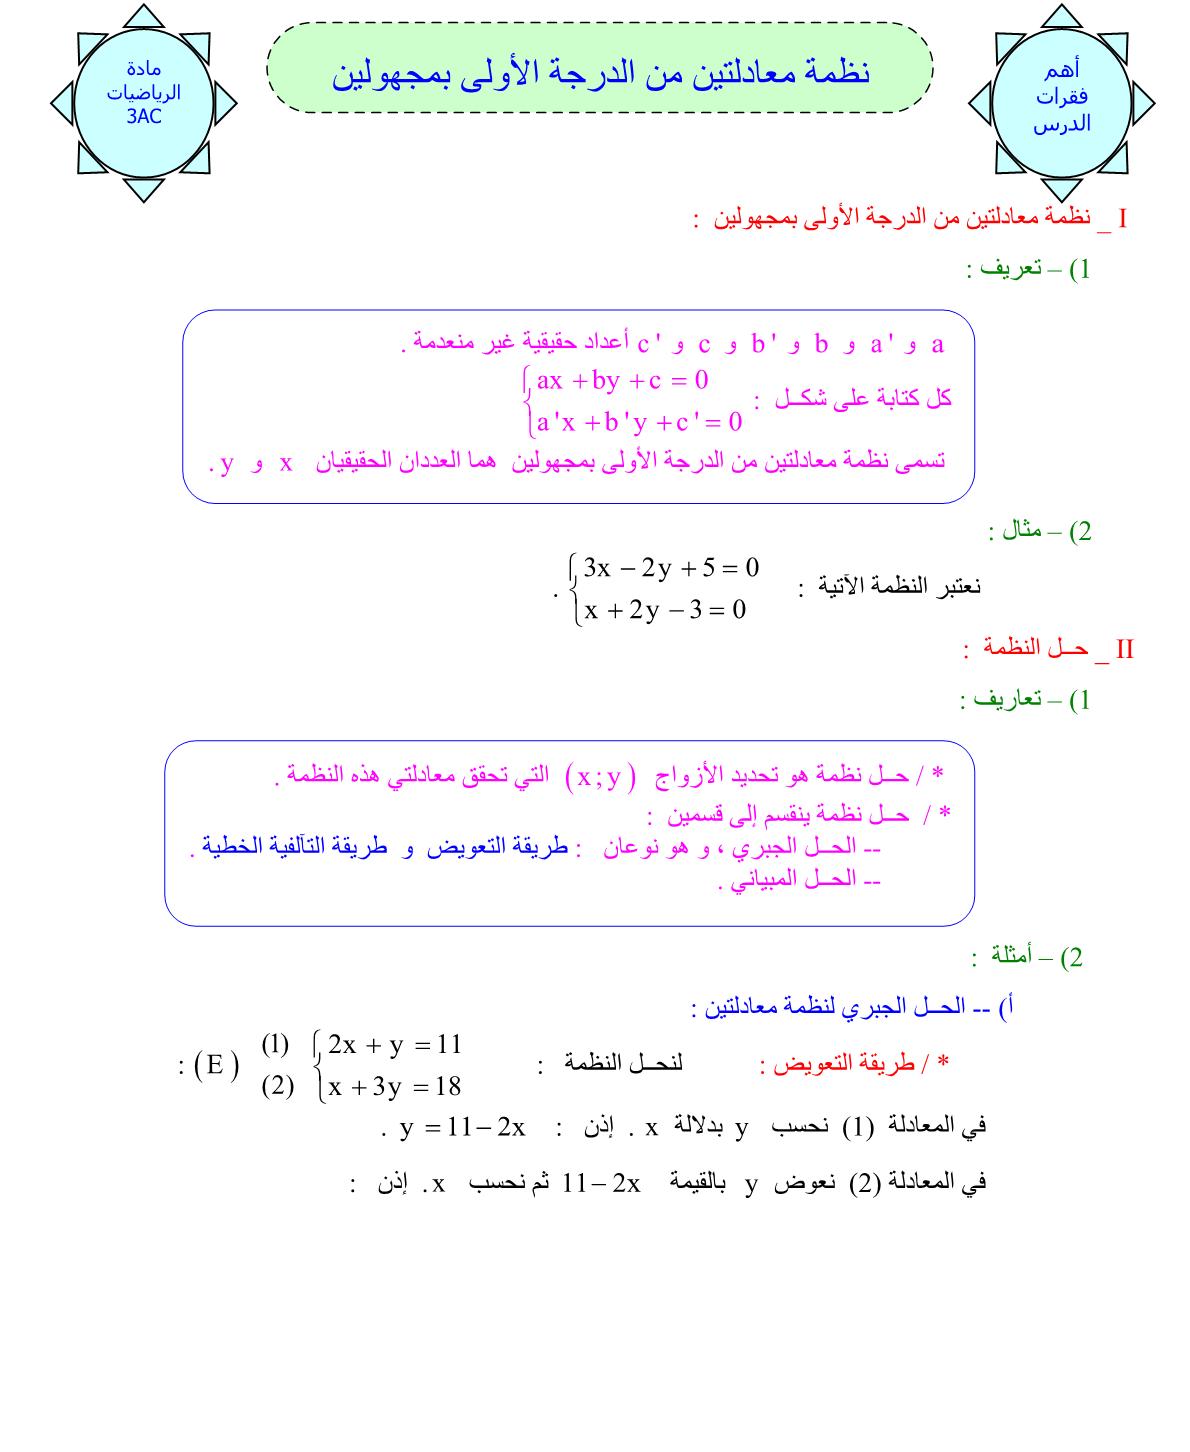 درس نظمة معادلتين من الدرجة الأولى بمجهولين للسنة الثالثة إعدادي